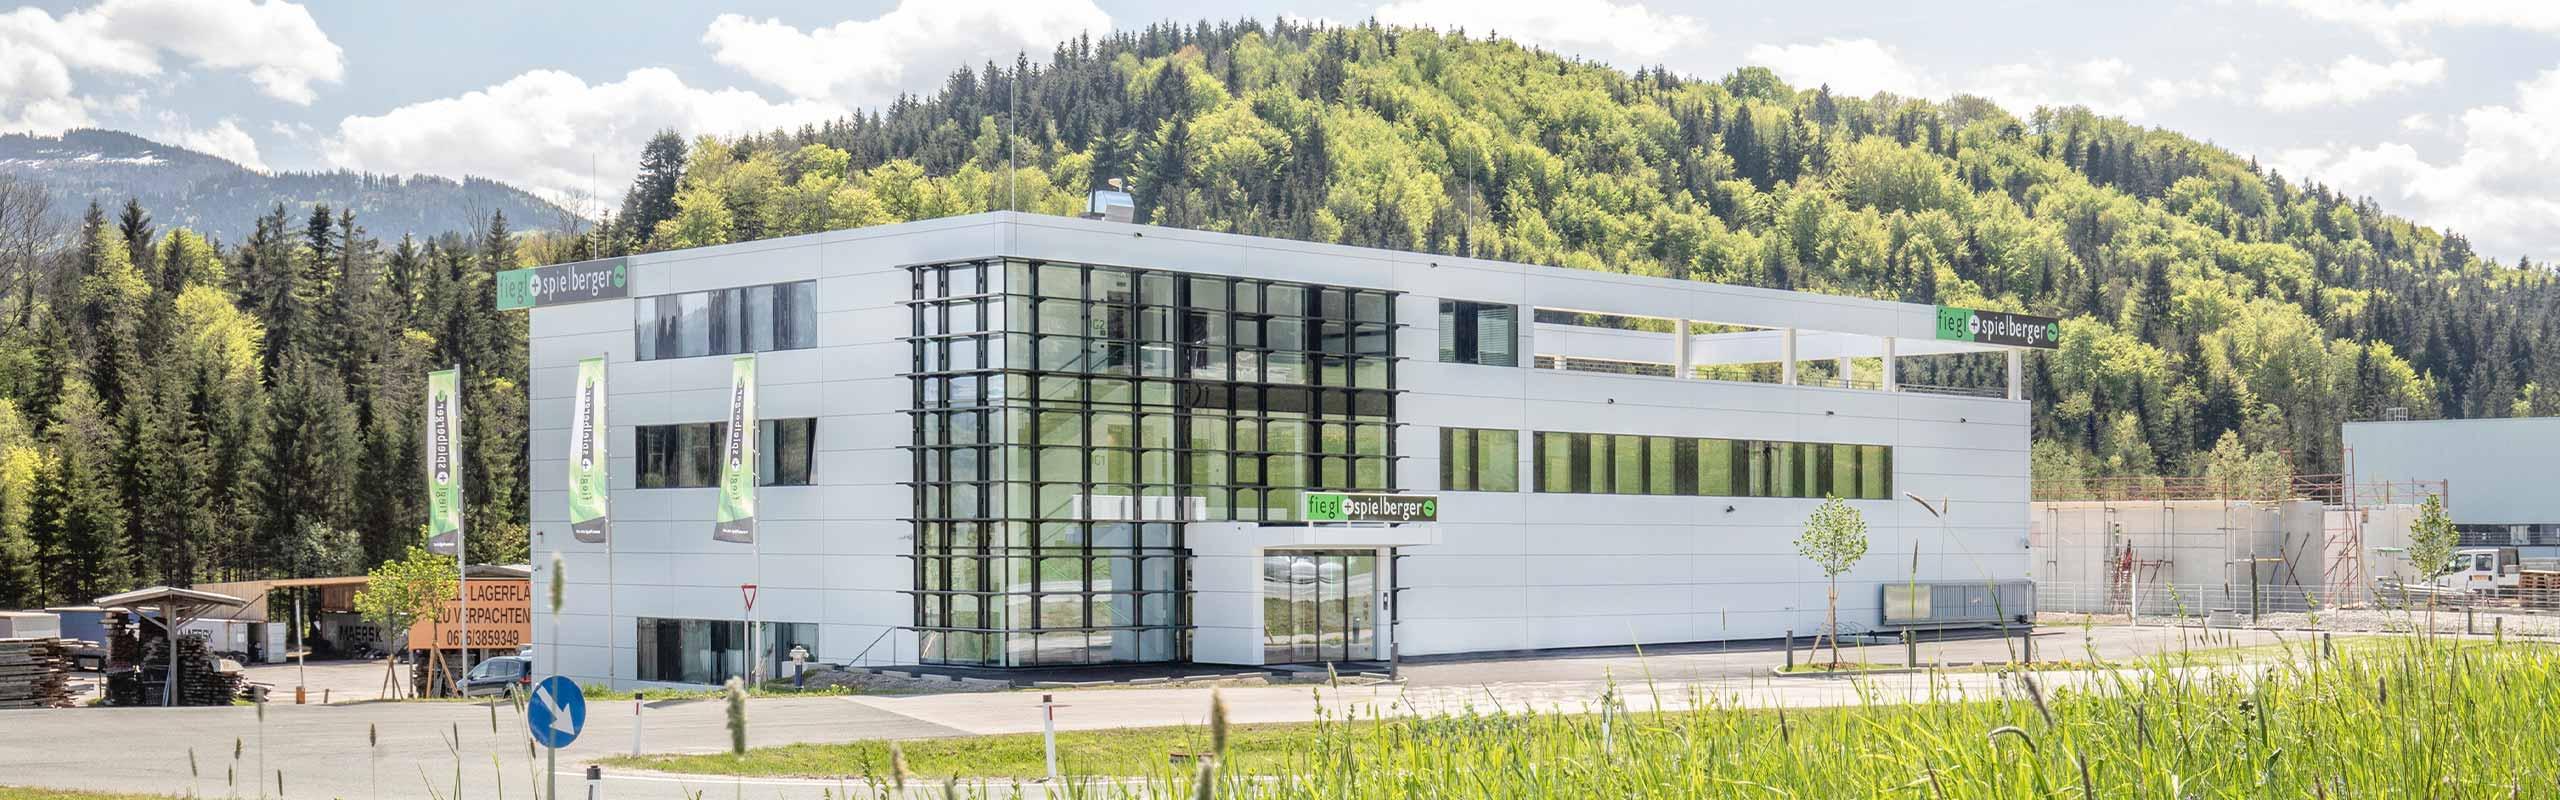 Standort Thalgau in Salzburg